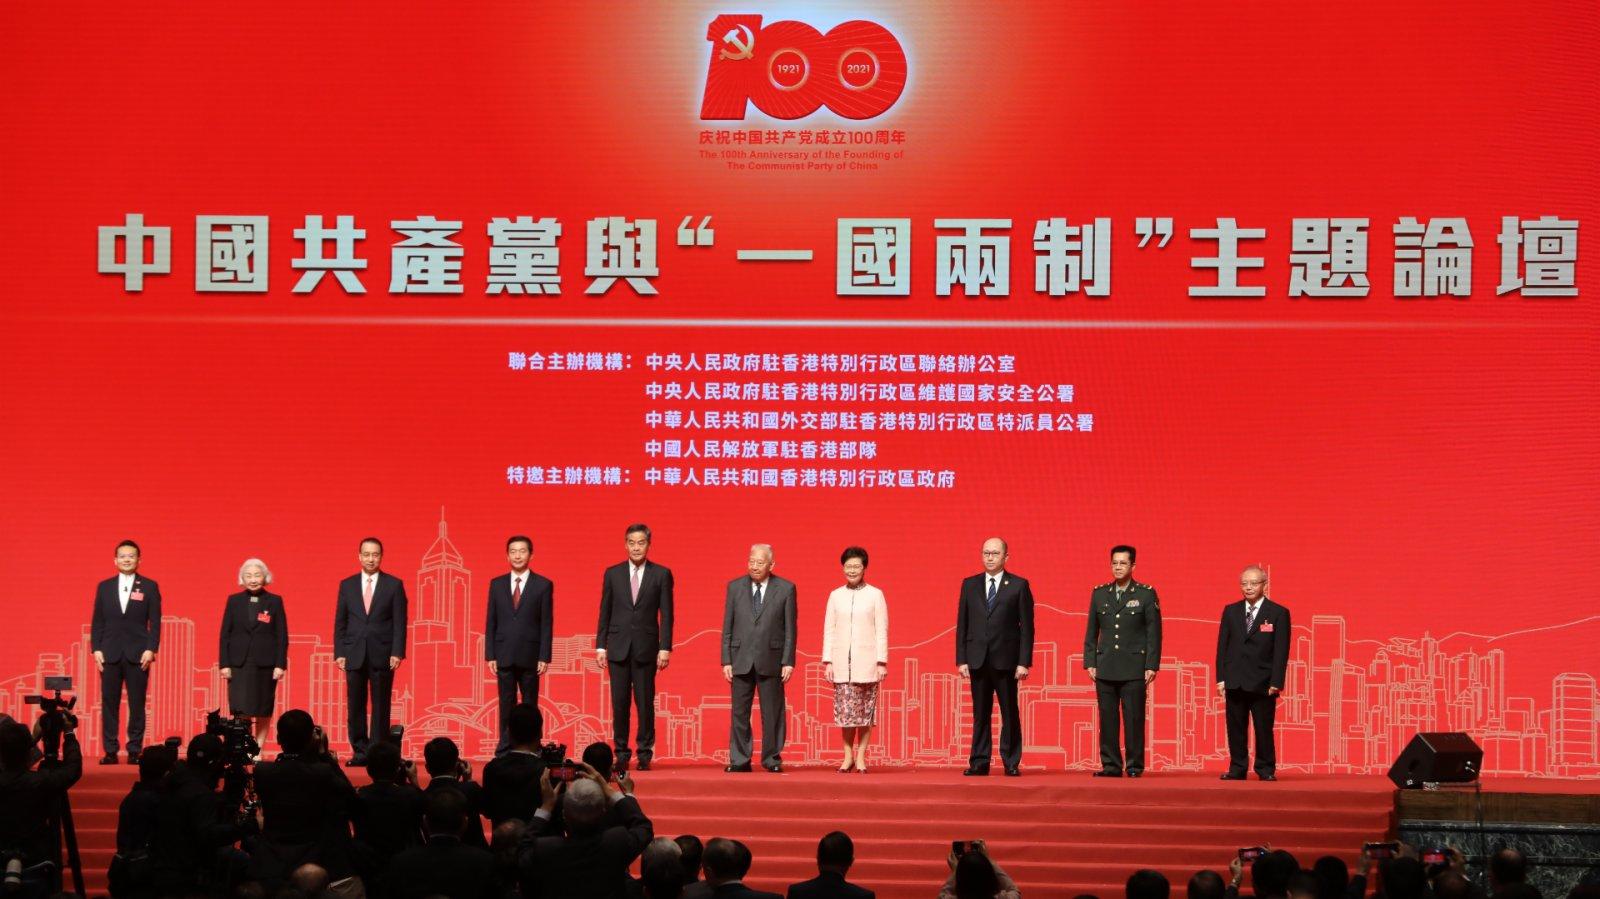 中國共產黨與「一國兩制」主題論壇(回放)